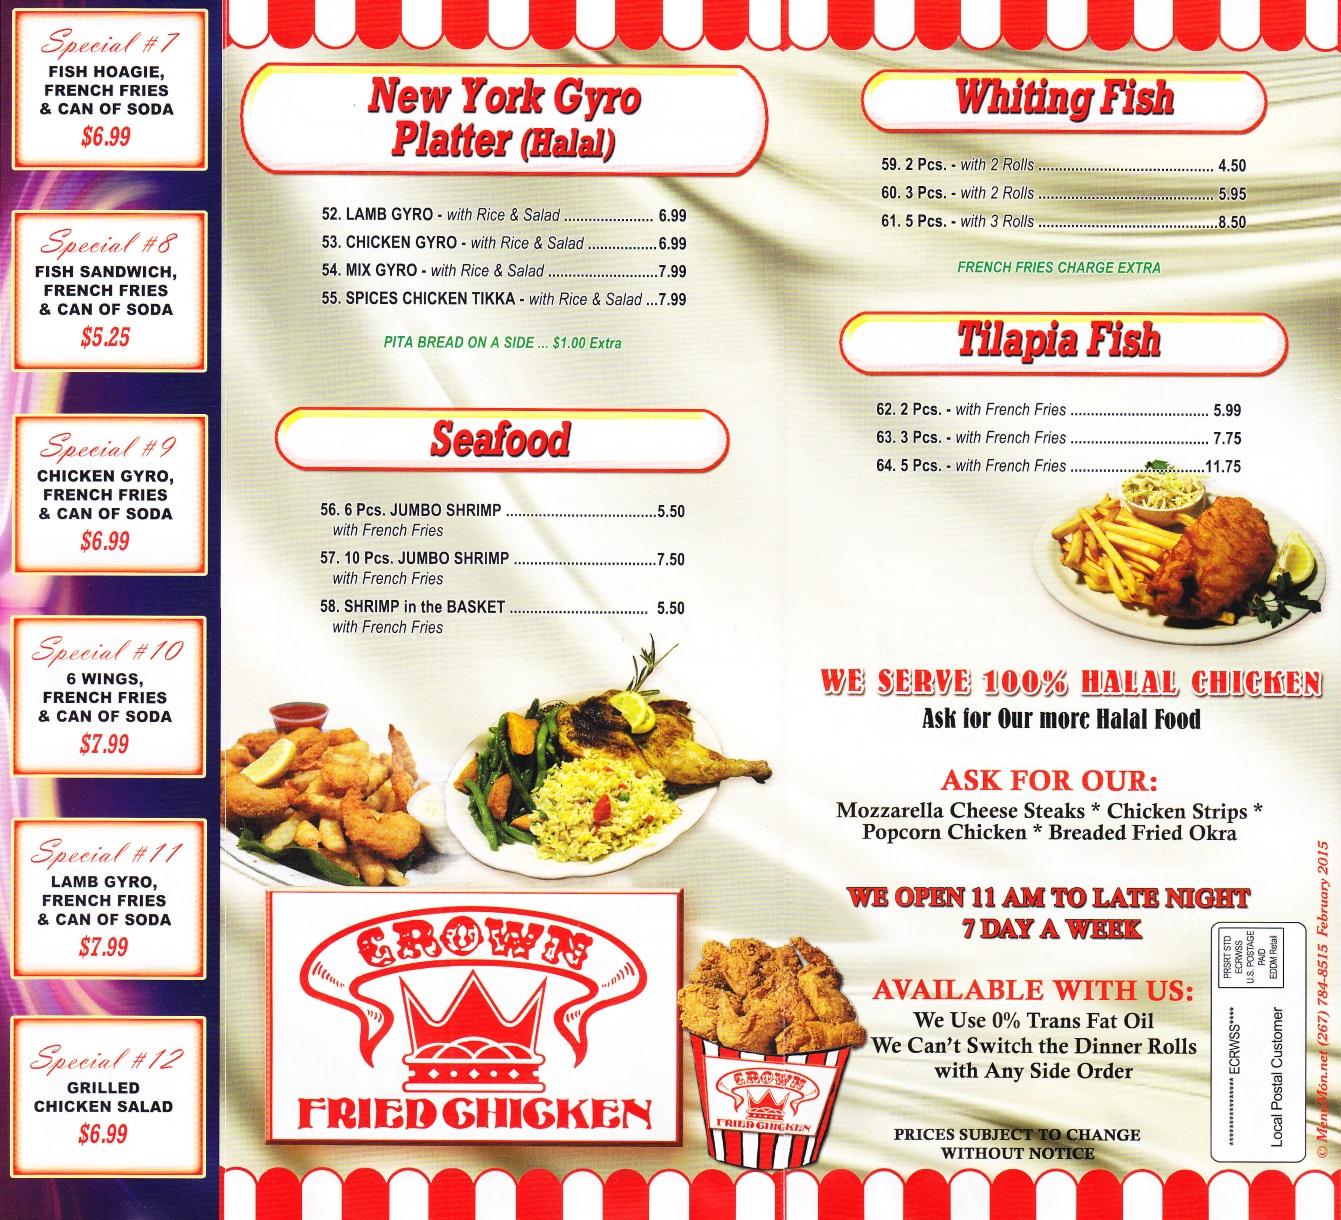 Whereisthemenu net   Crown Fried Chicken - Newburgh, NY 12550